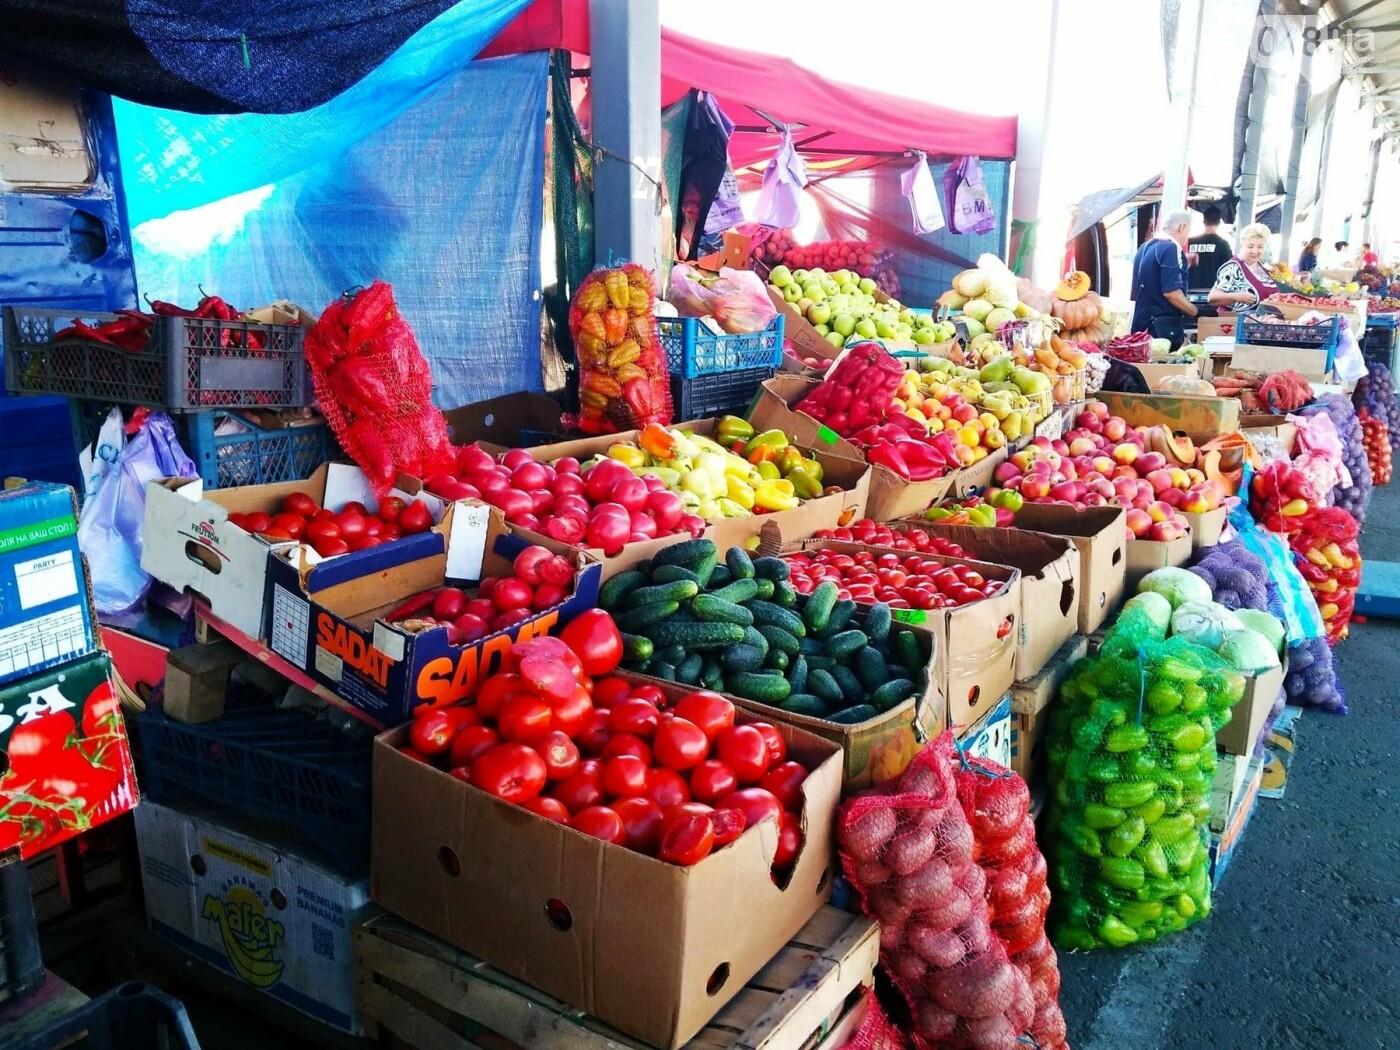 Ищем, где дешевле в Одессе: обзор цен на продукты на рынках Котовского, - ФОТО, ИНФОГРАФИКА, фото-4